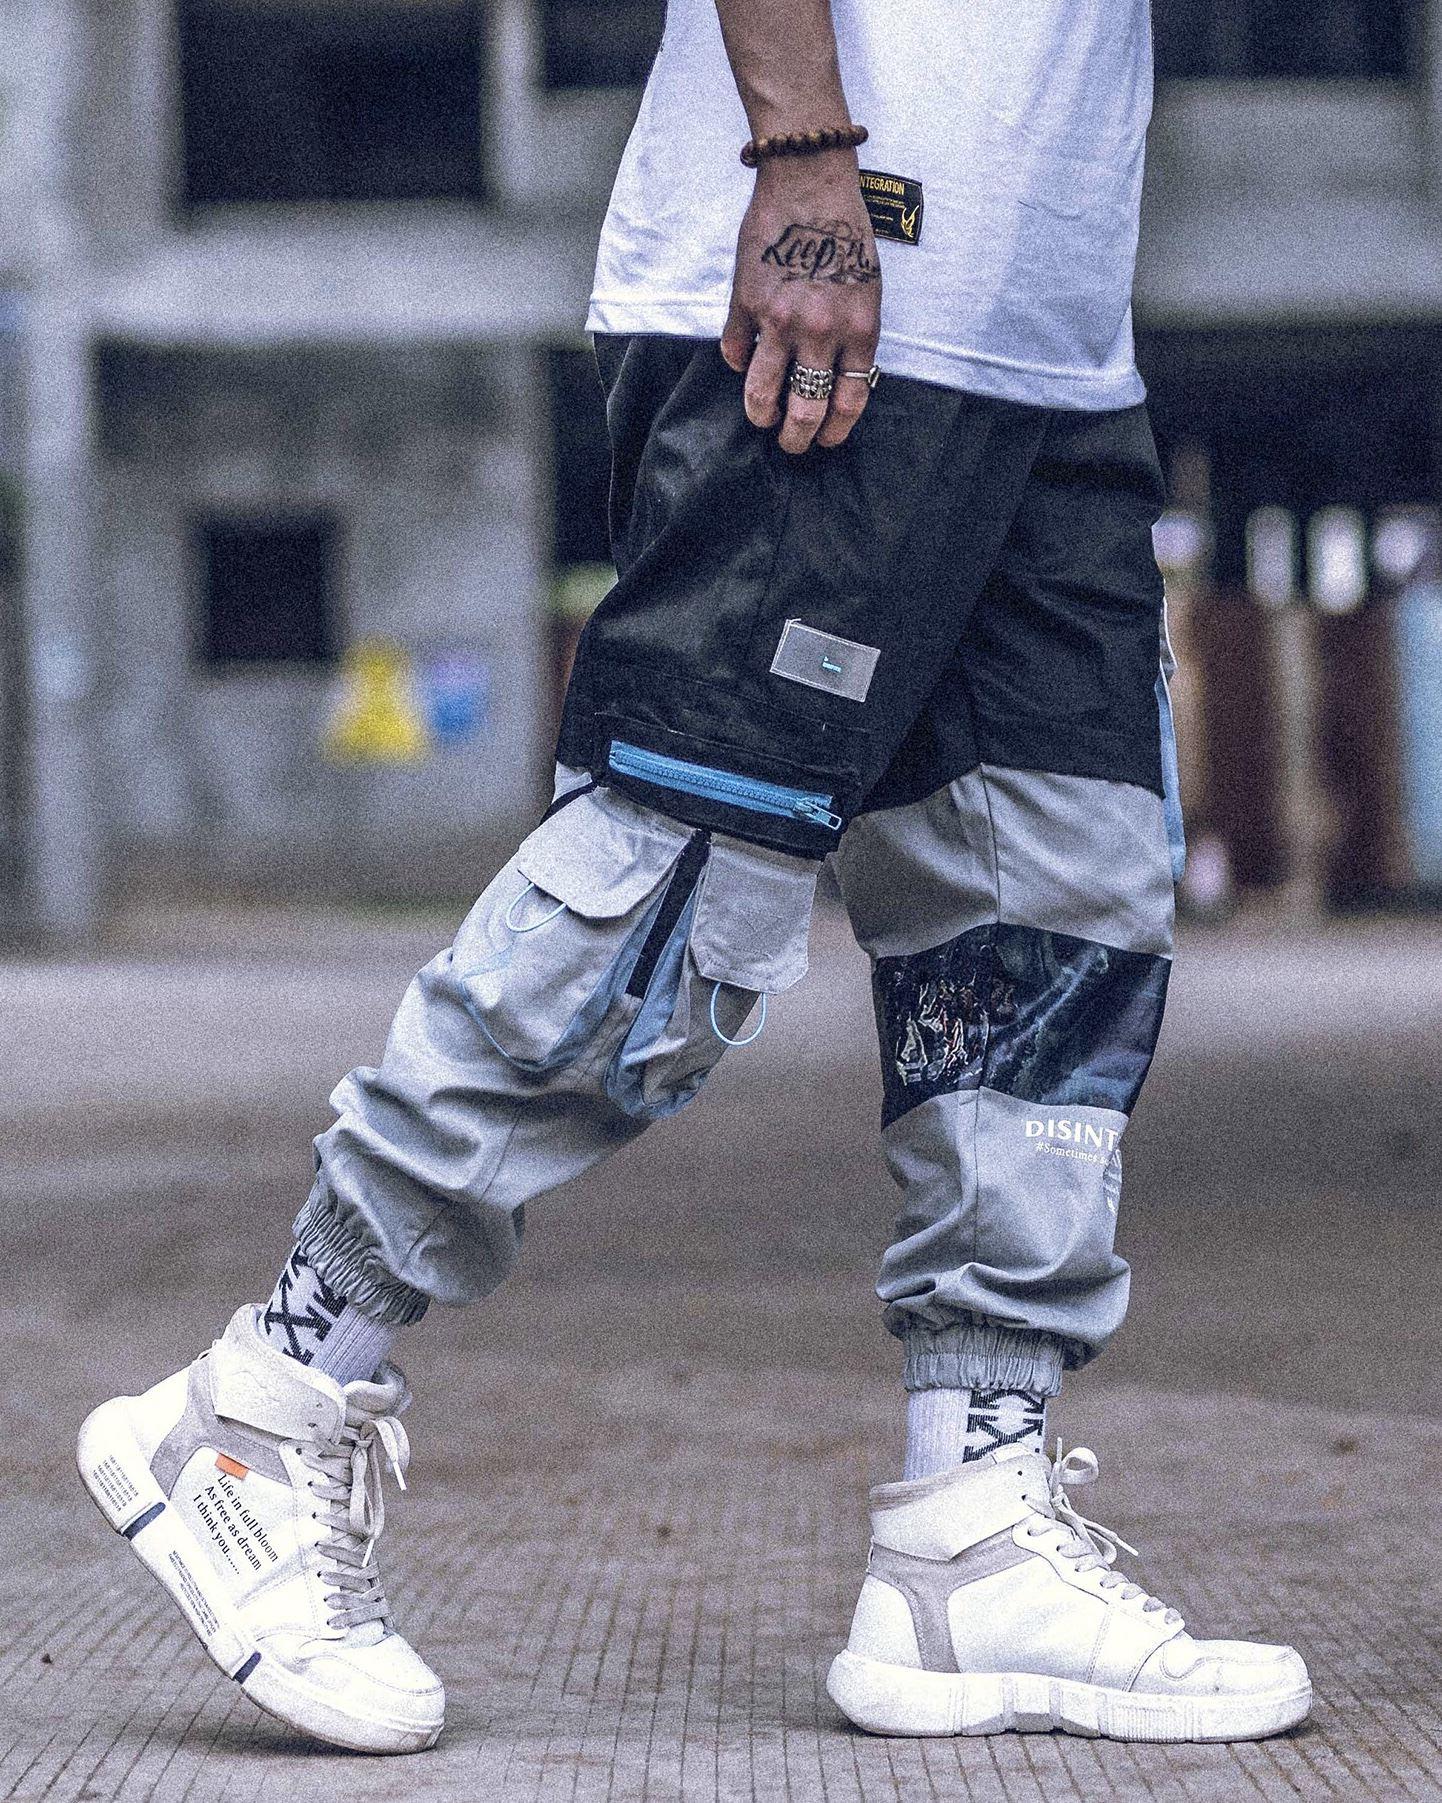 DISINTEGRATIONベーシックカーゴジョガーパンツ メンズの商品画像1